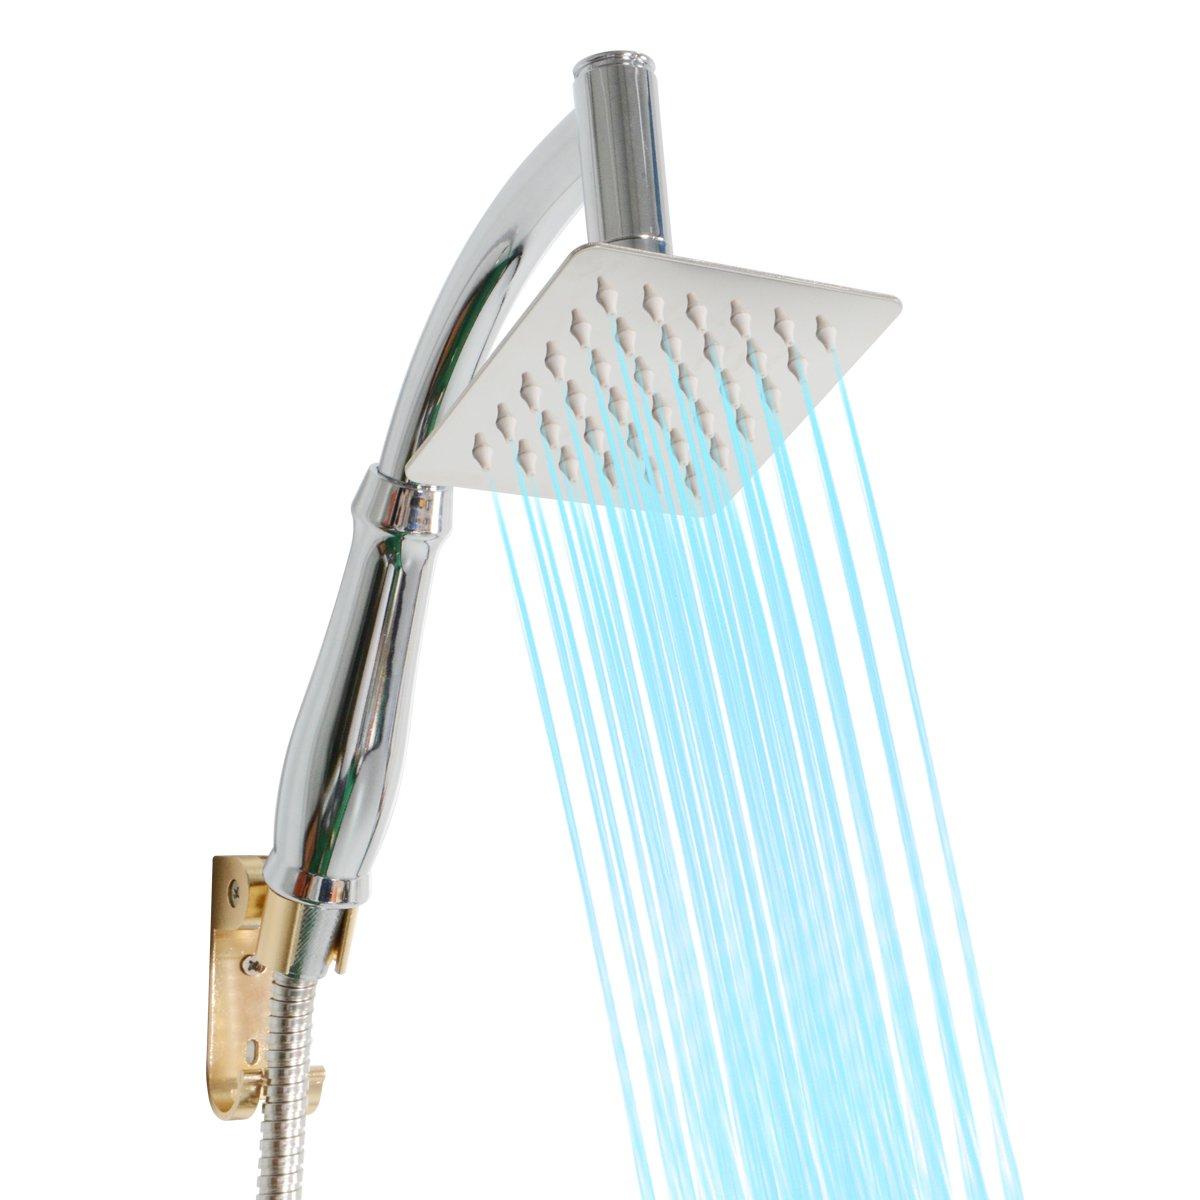 fijo cuadrado Universal Handheld alcachofa de ducha grifos de repuesto con, 2/polos, para cuarto de ba/ño, acabado cromado Saim alcachofa de ducha giratoria de 360//° conjunta